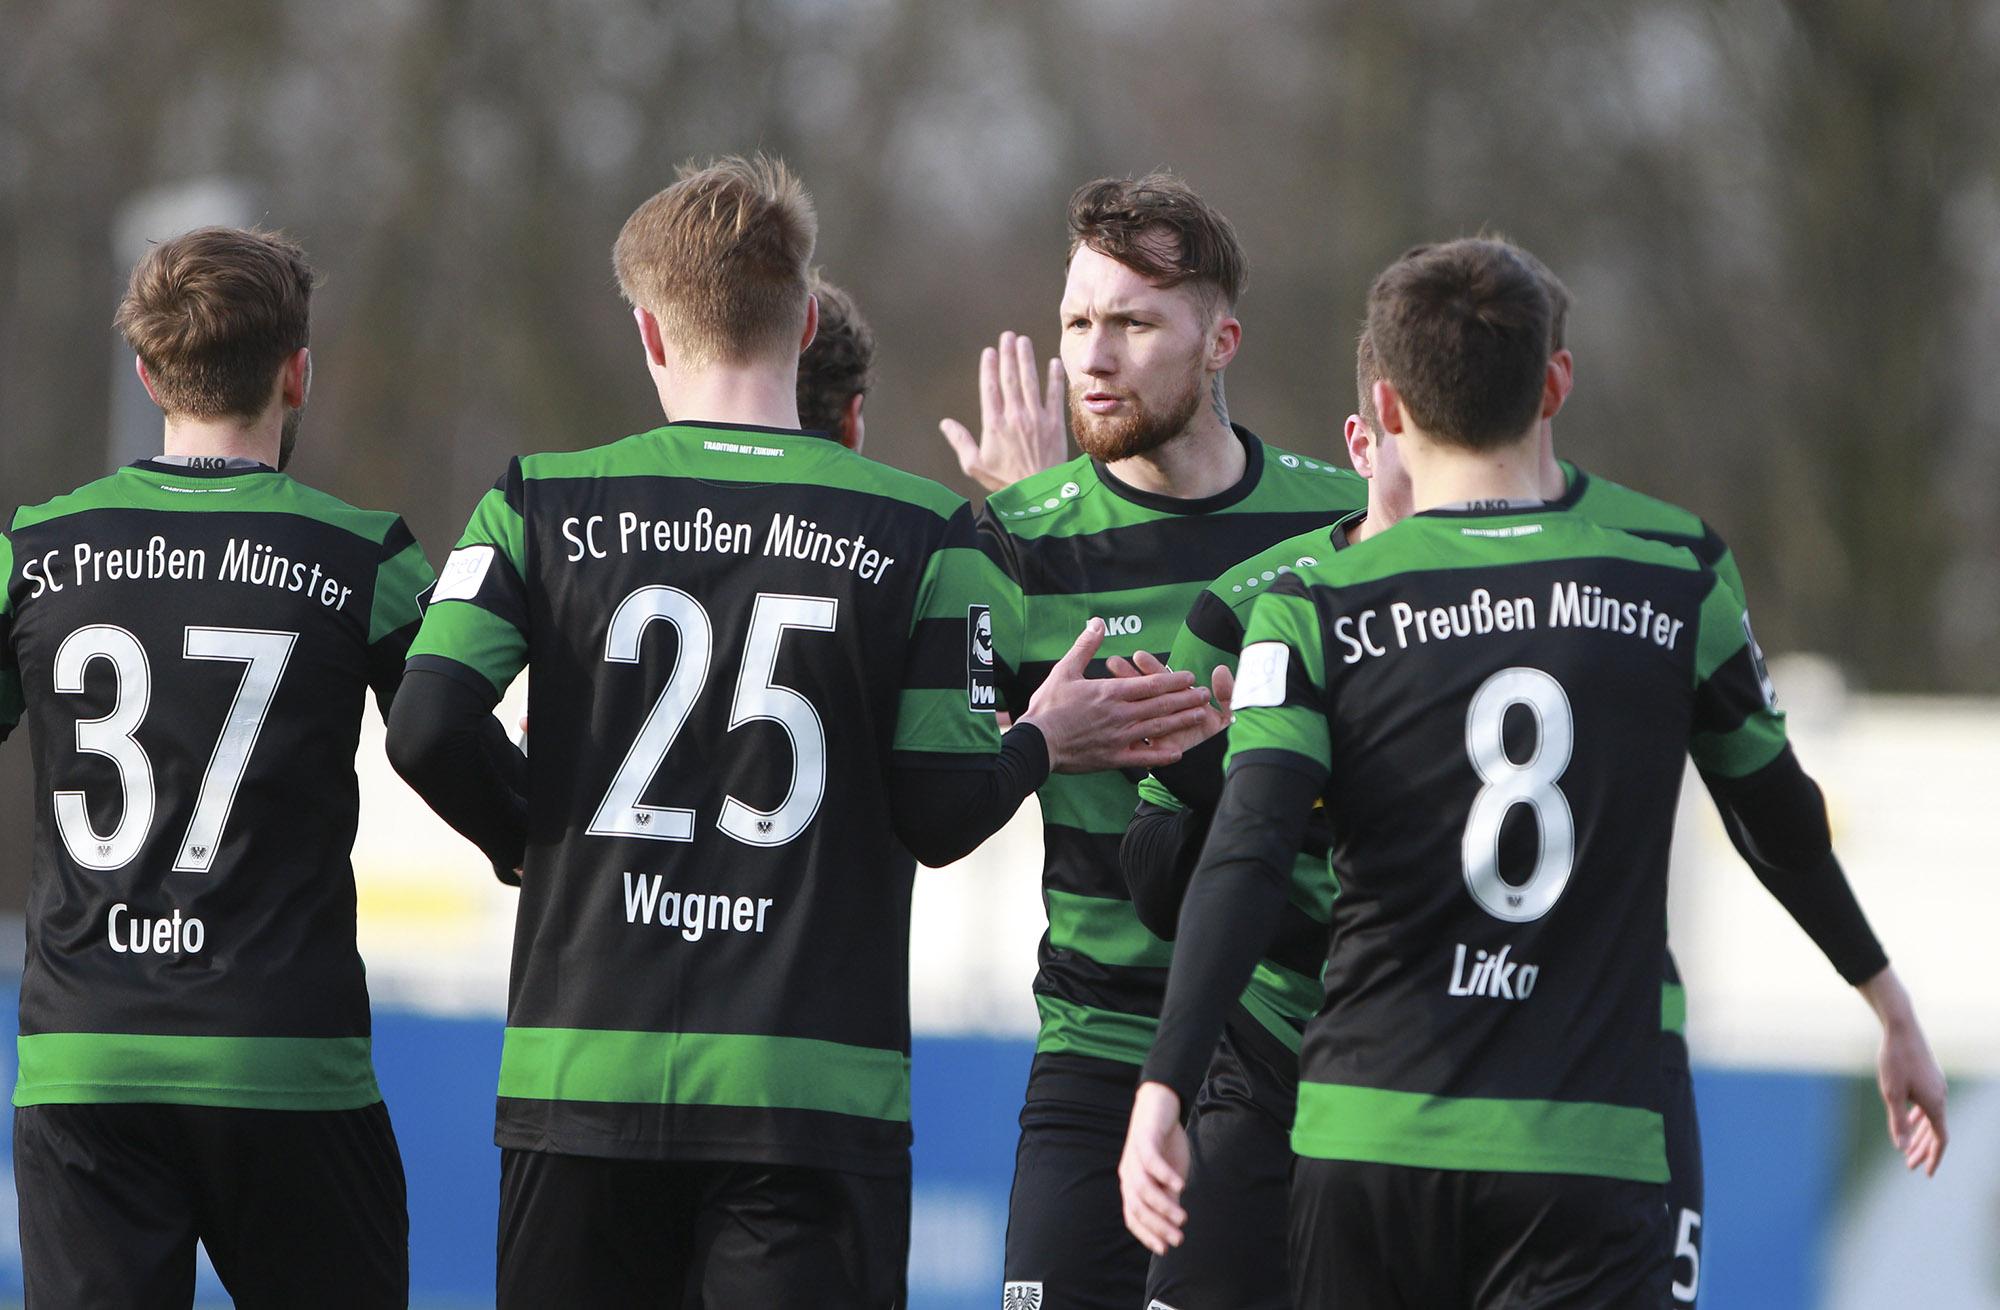 Testspiel Schalke U23 -Preußen Münster